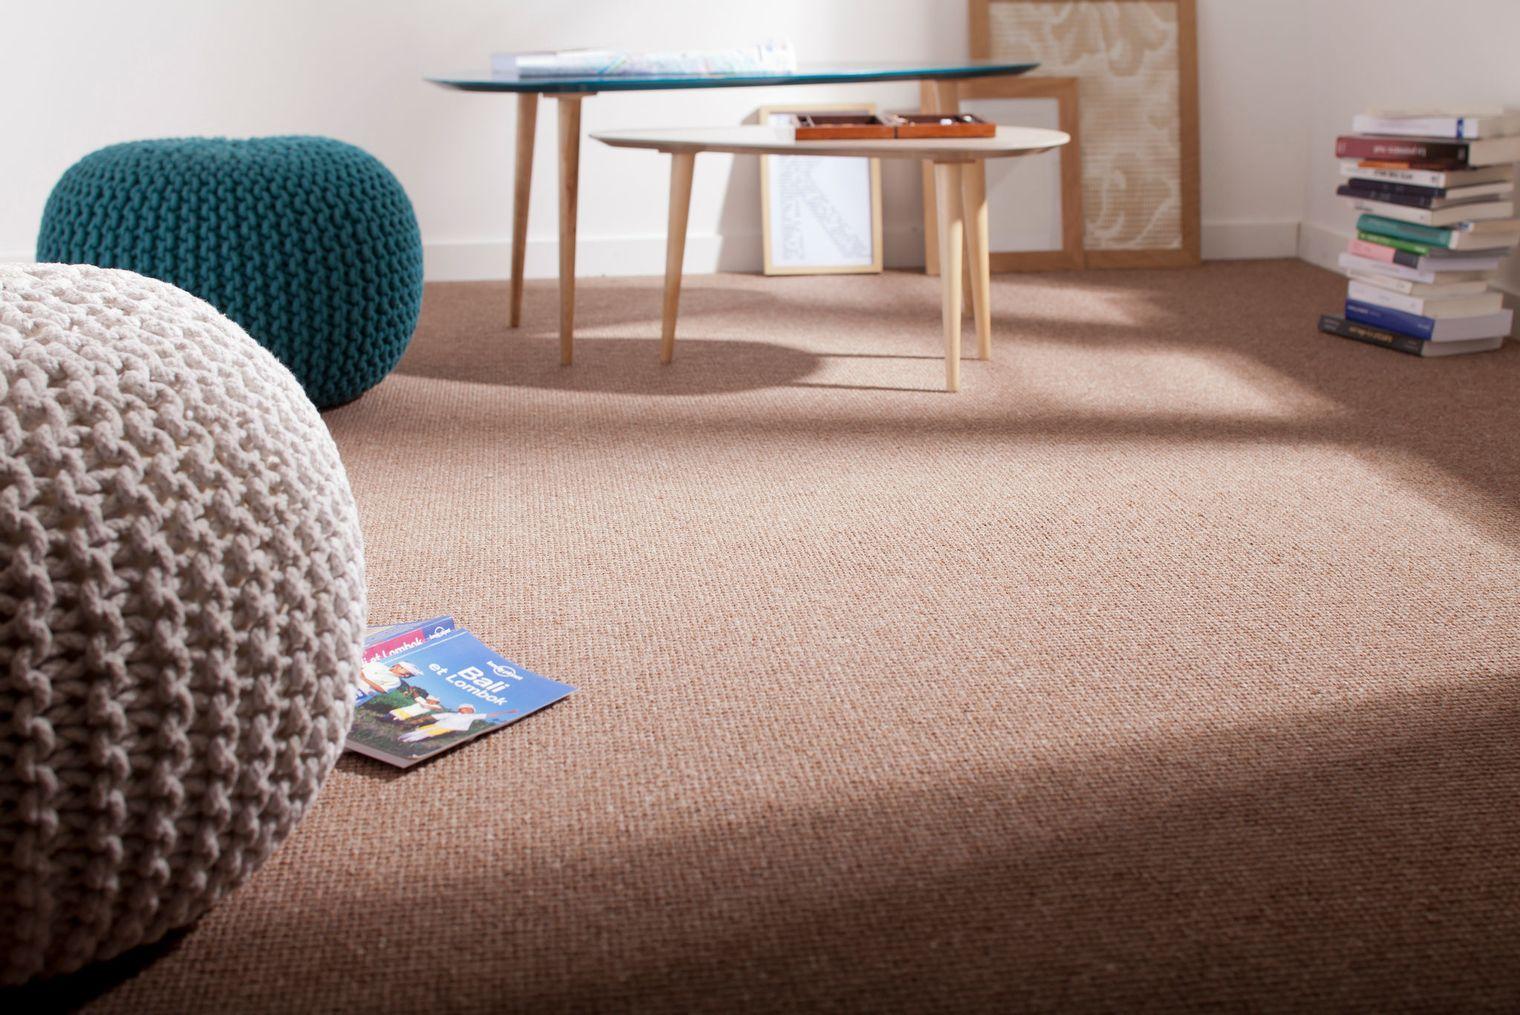 sol en moquette plusieurs choix s offrent vous pav habitat le site de la maison et l. Black Bedroom Furniture Sets. Home Design Ideas